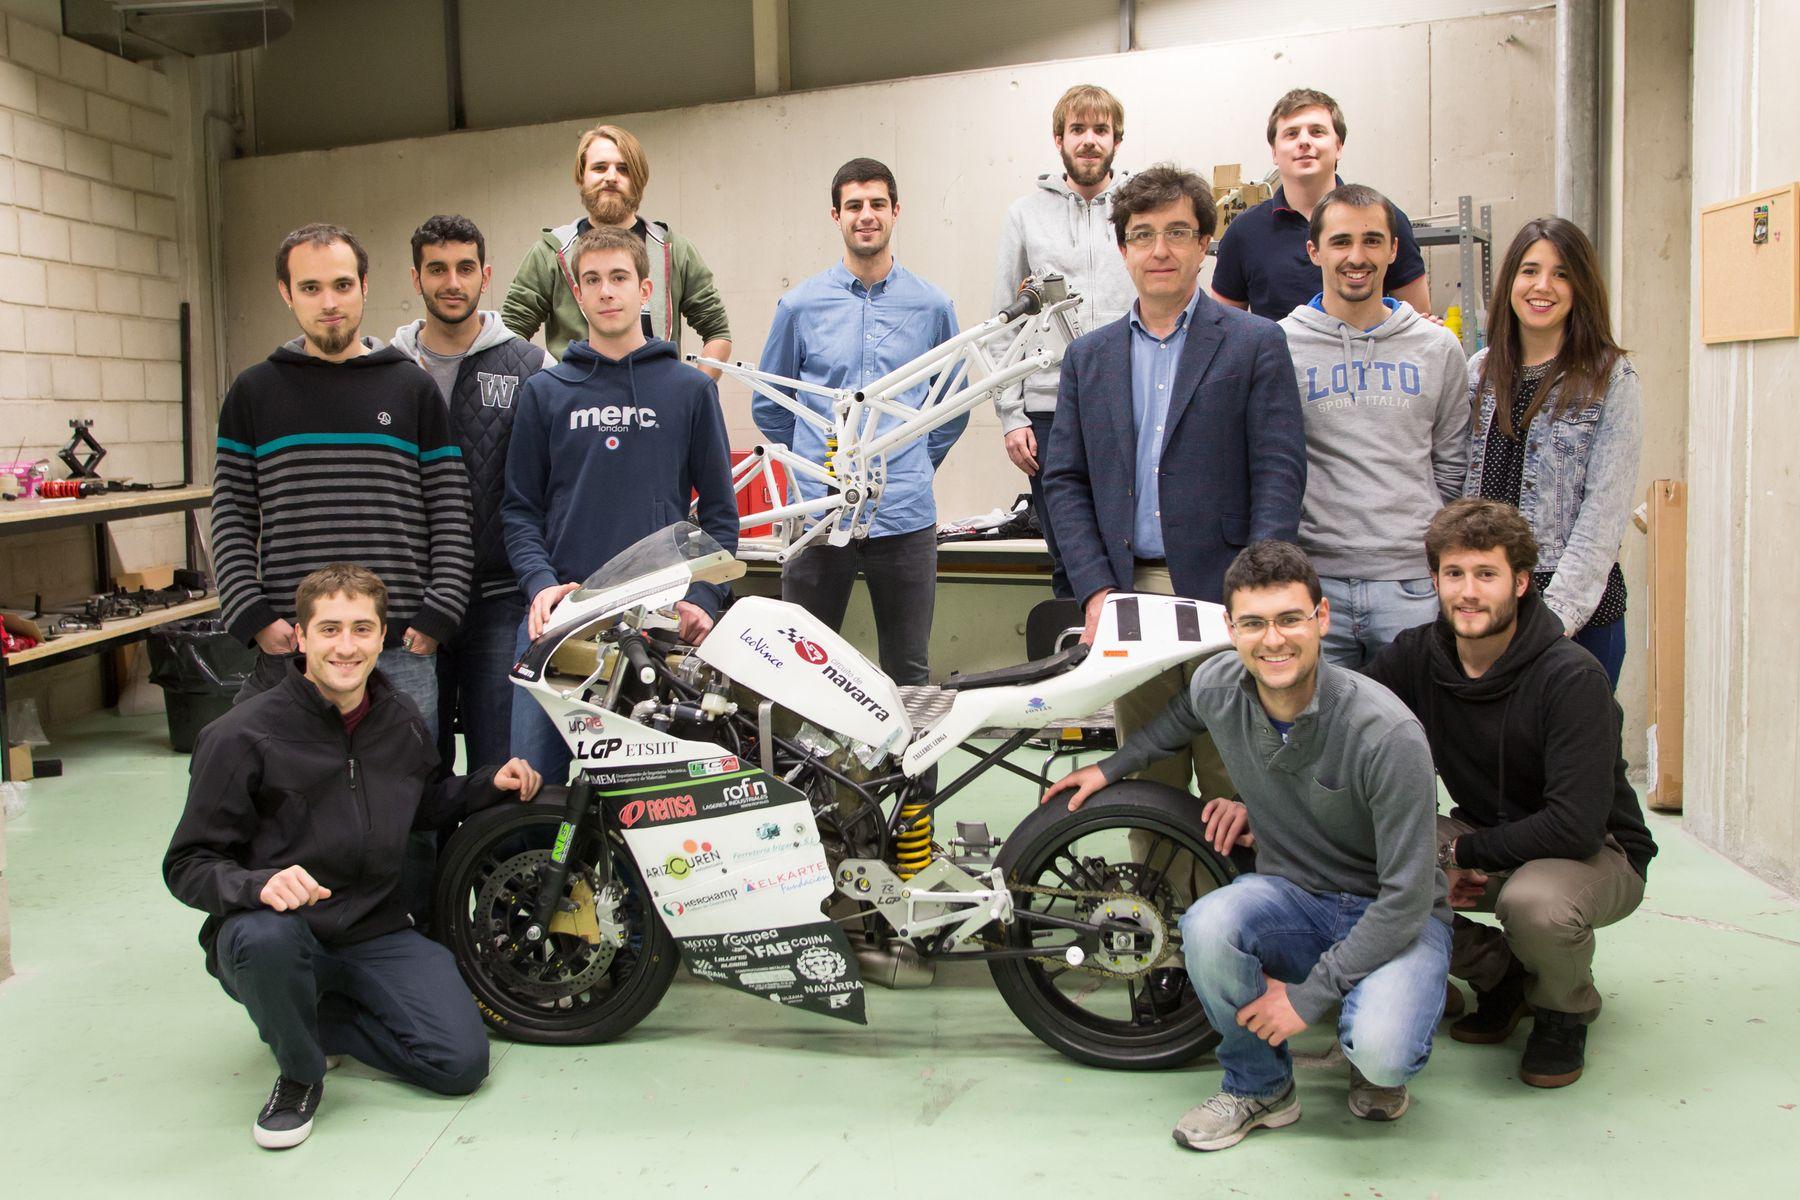 Lehiaketetarako moto profesional erabat elektriko bat sortu dute NUPeko ingeniaritza ikasleek